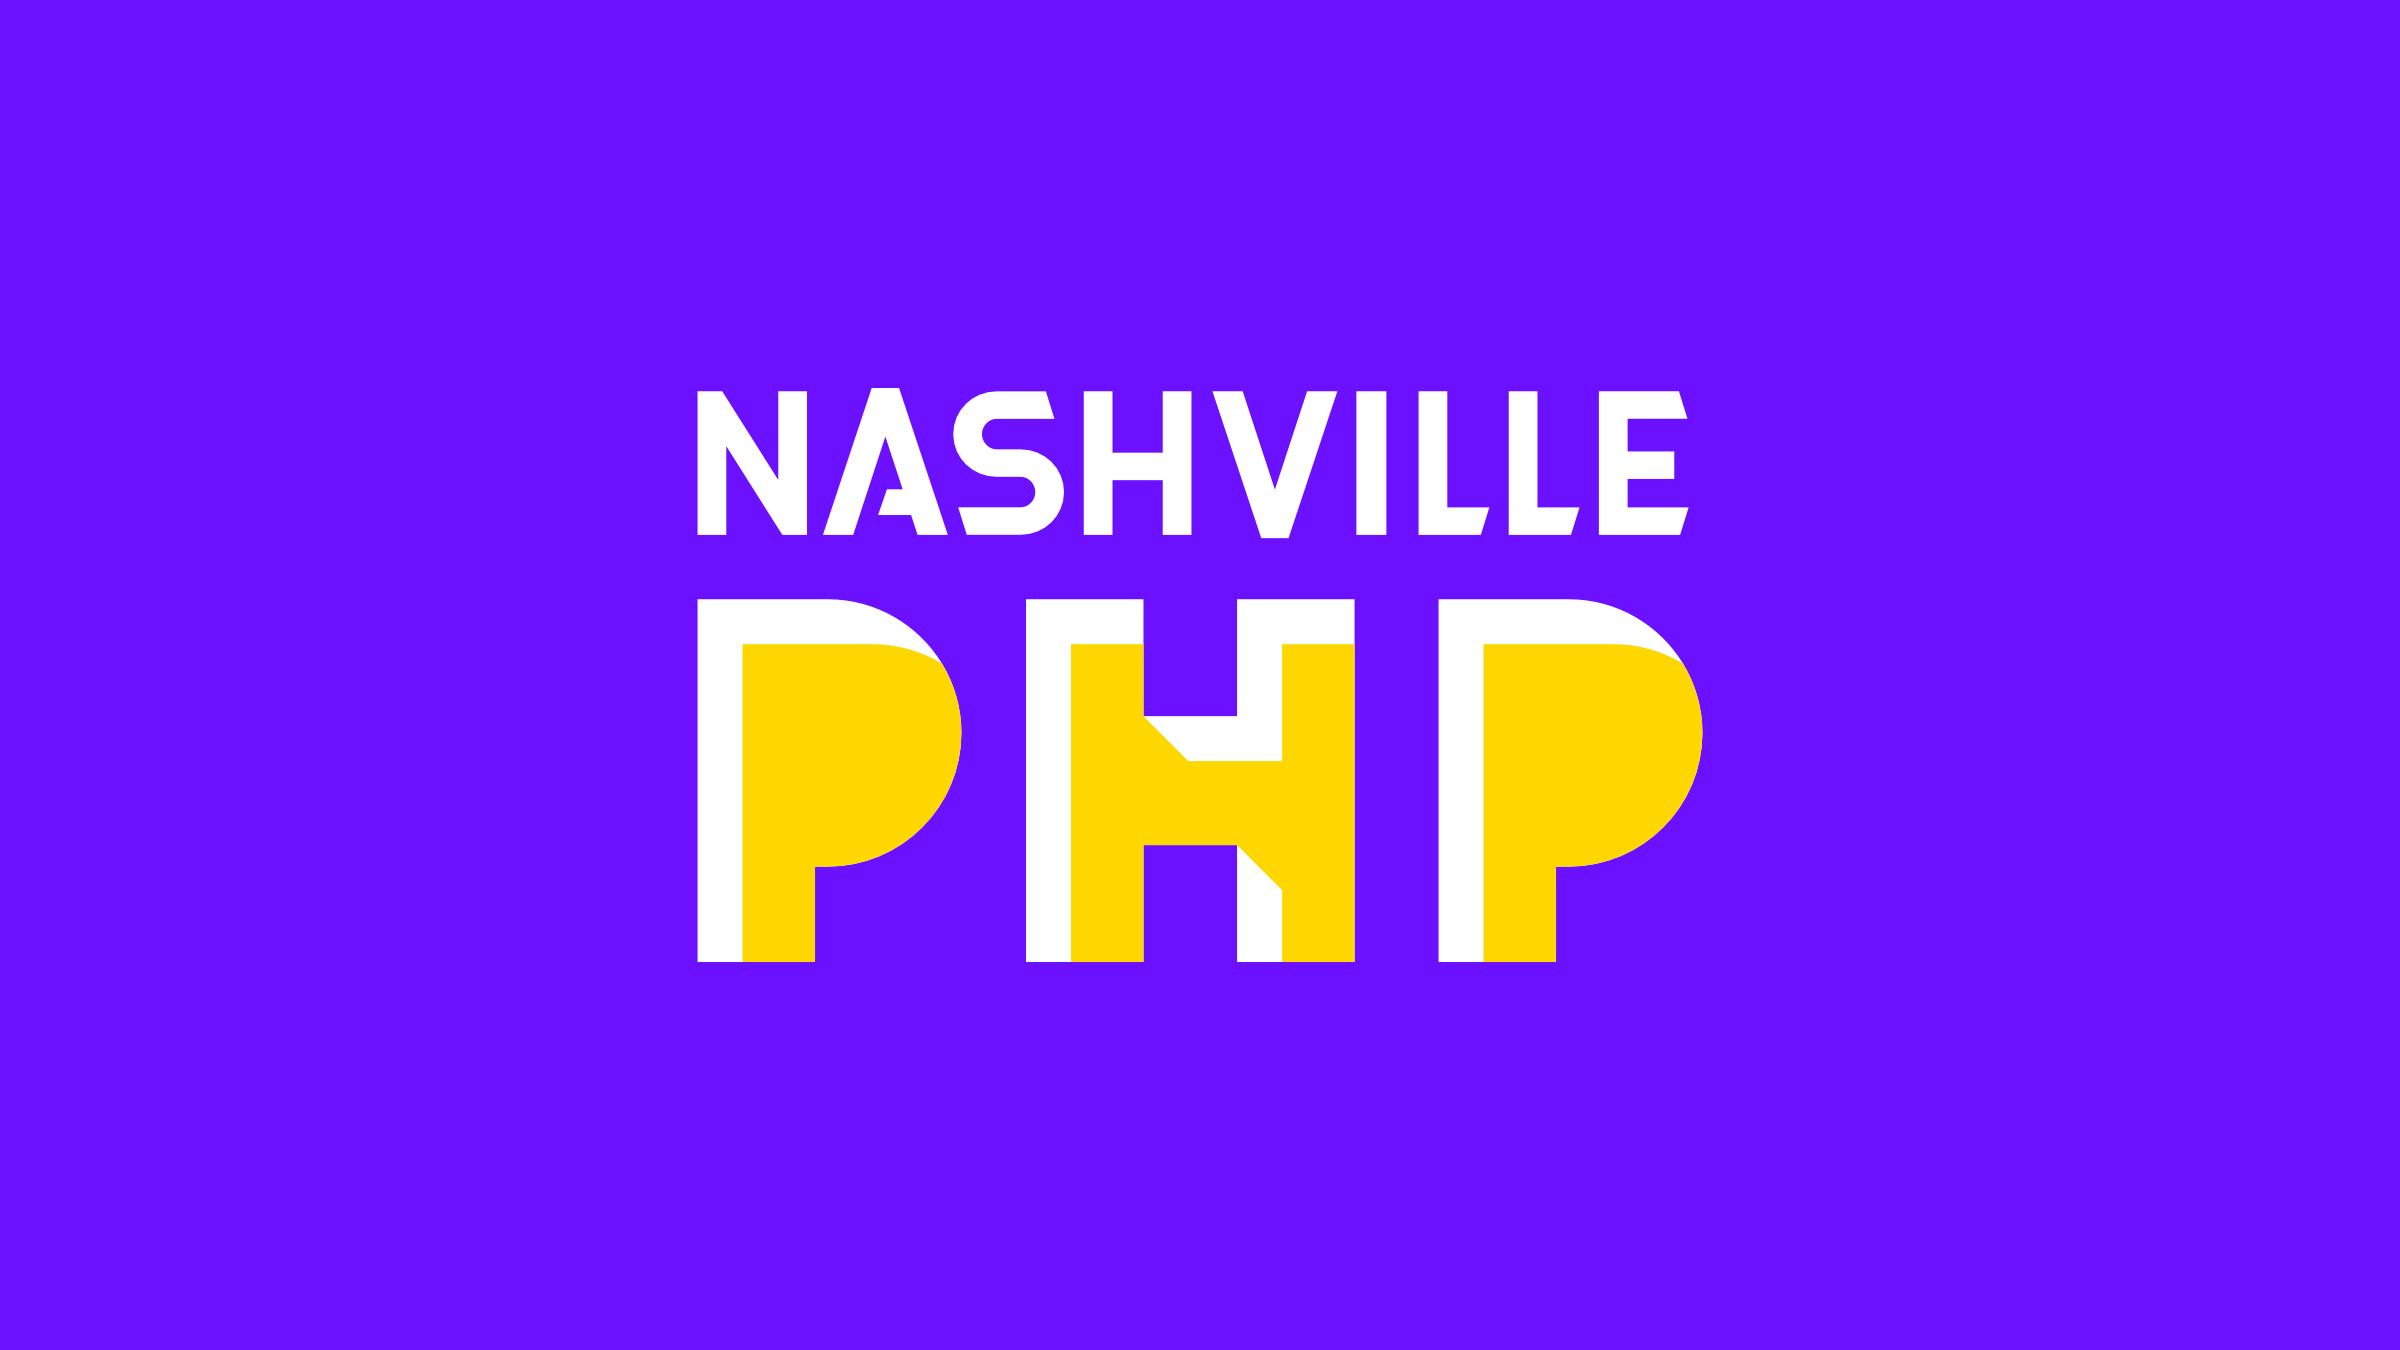 Nashville PHP